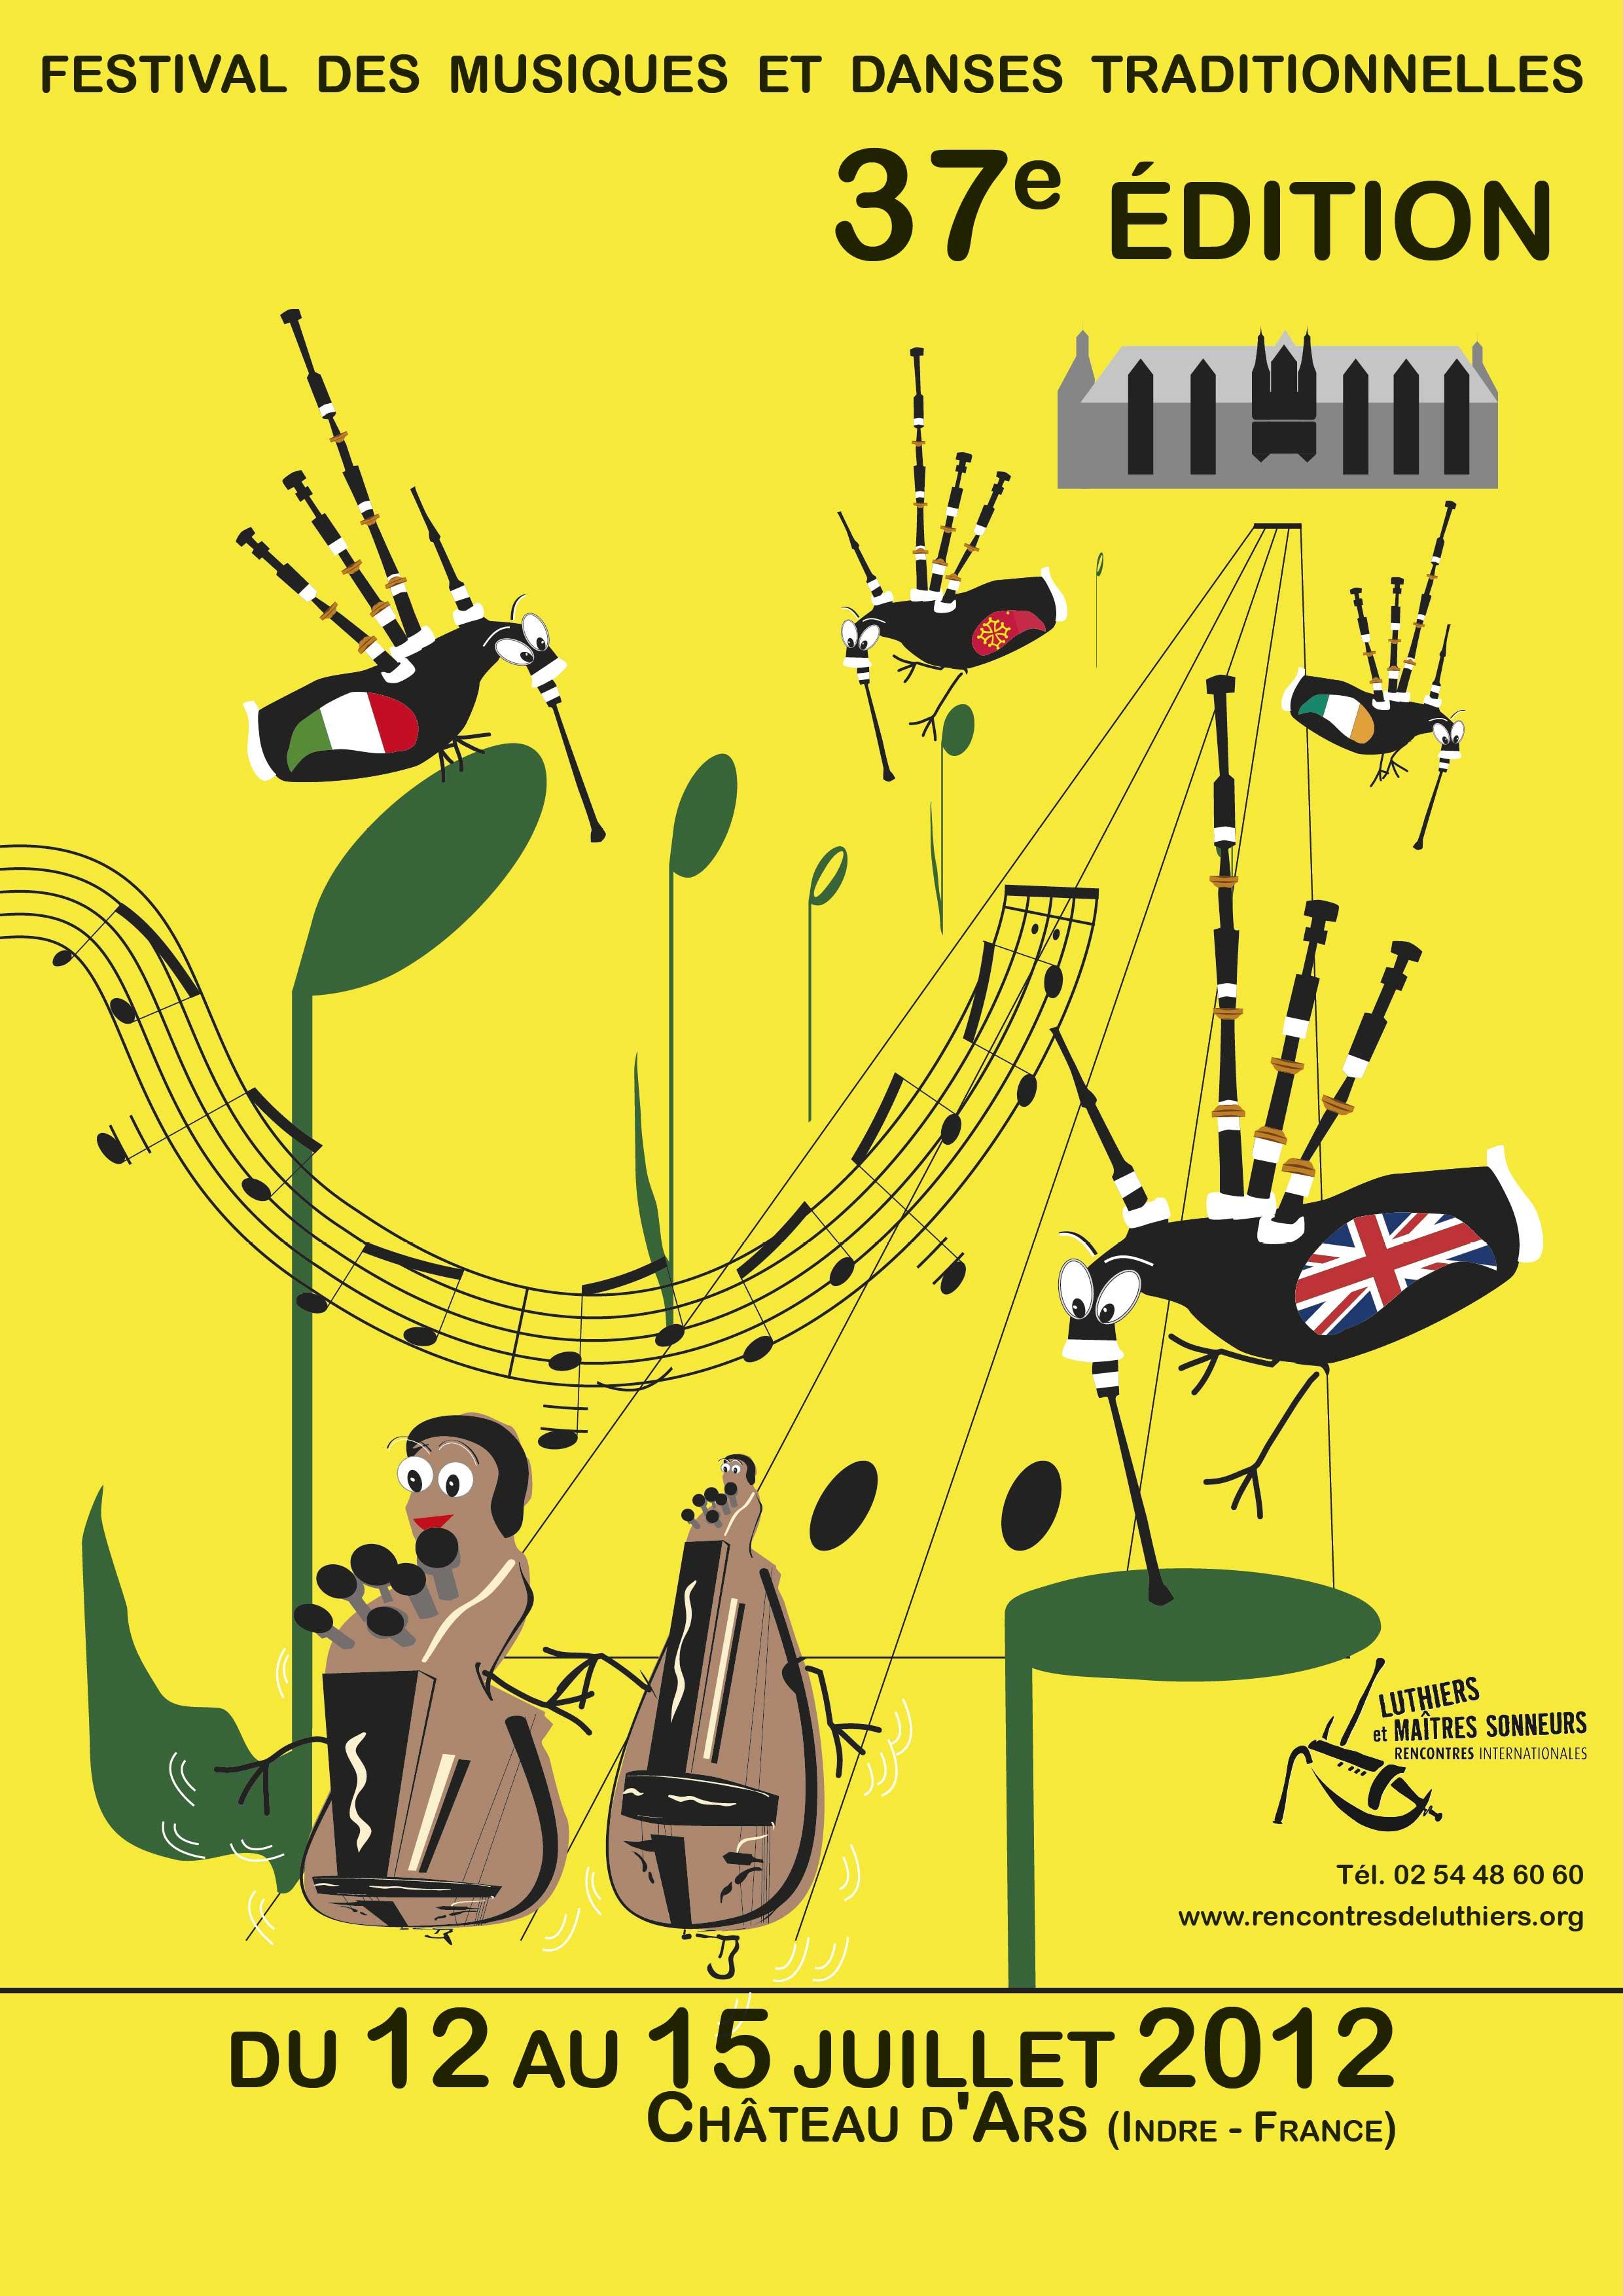 Luthiers et maîtres sonneurs, rencontres internationales, juillet 2012